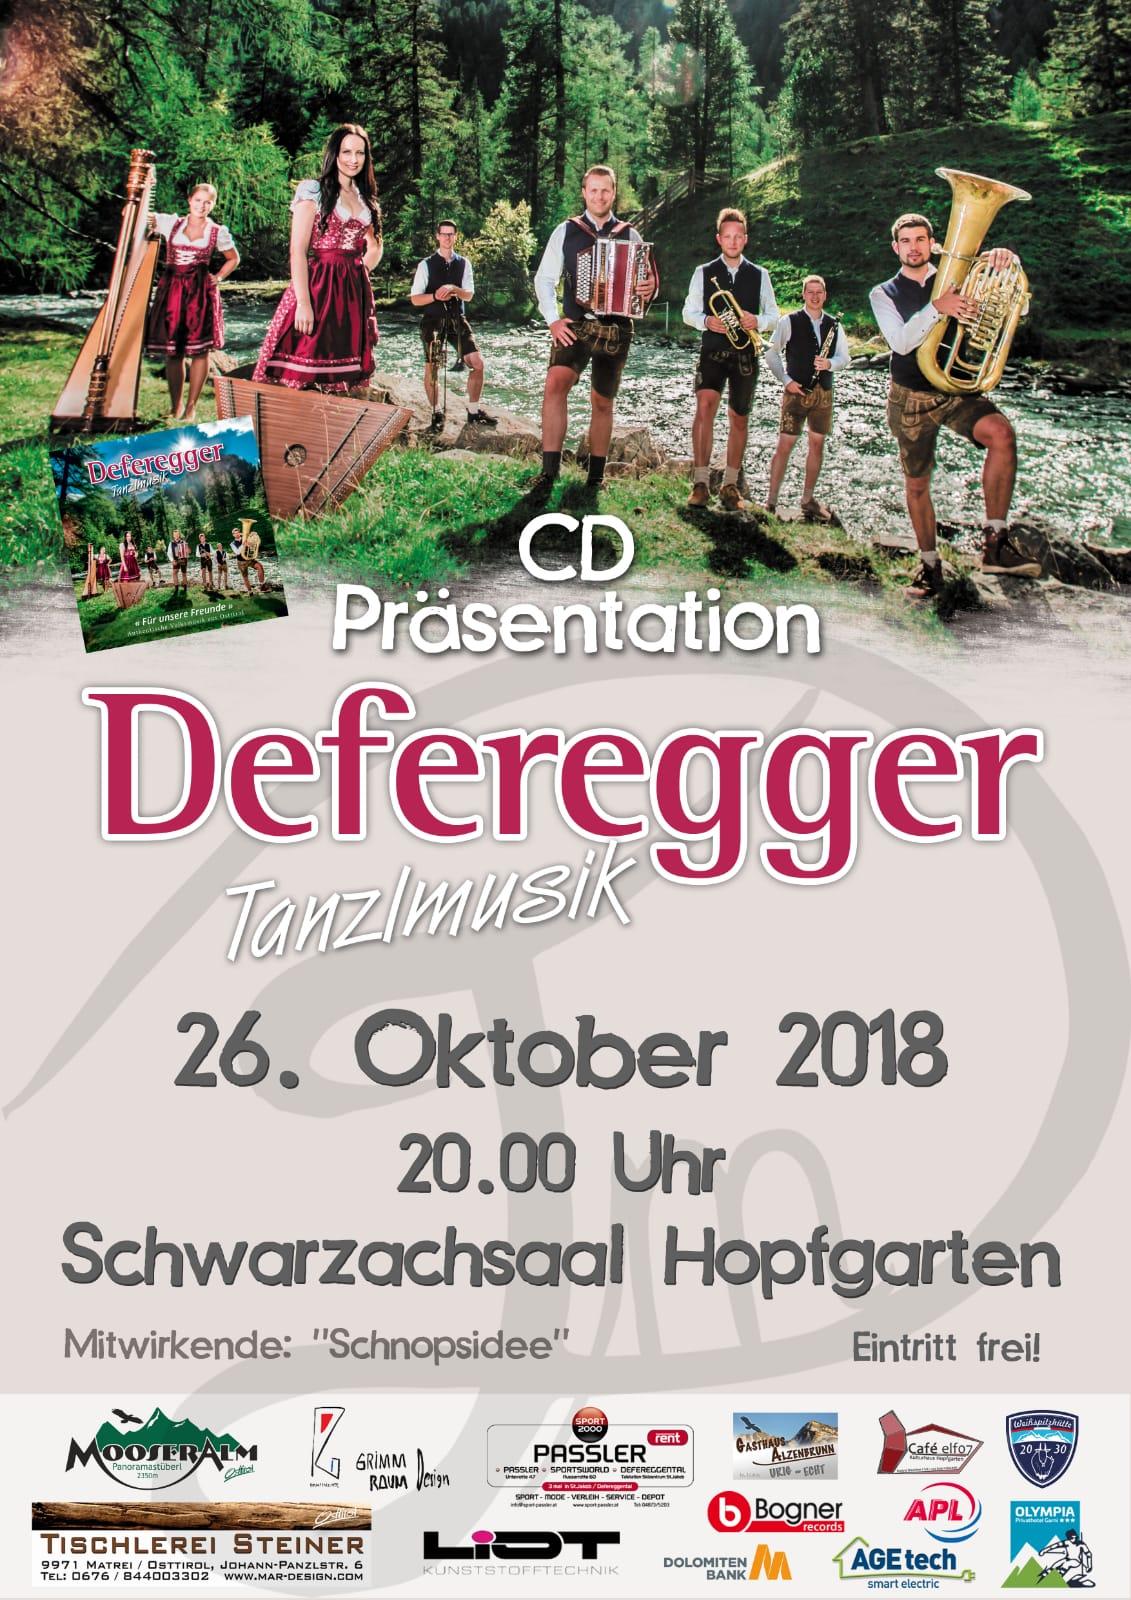 Defregger Tanzlmusik CD-Präsentation